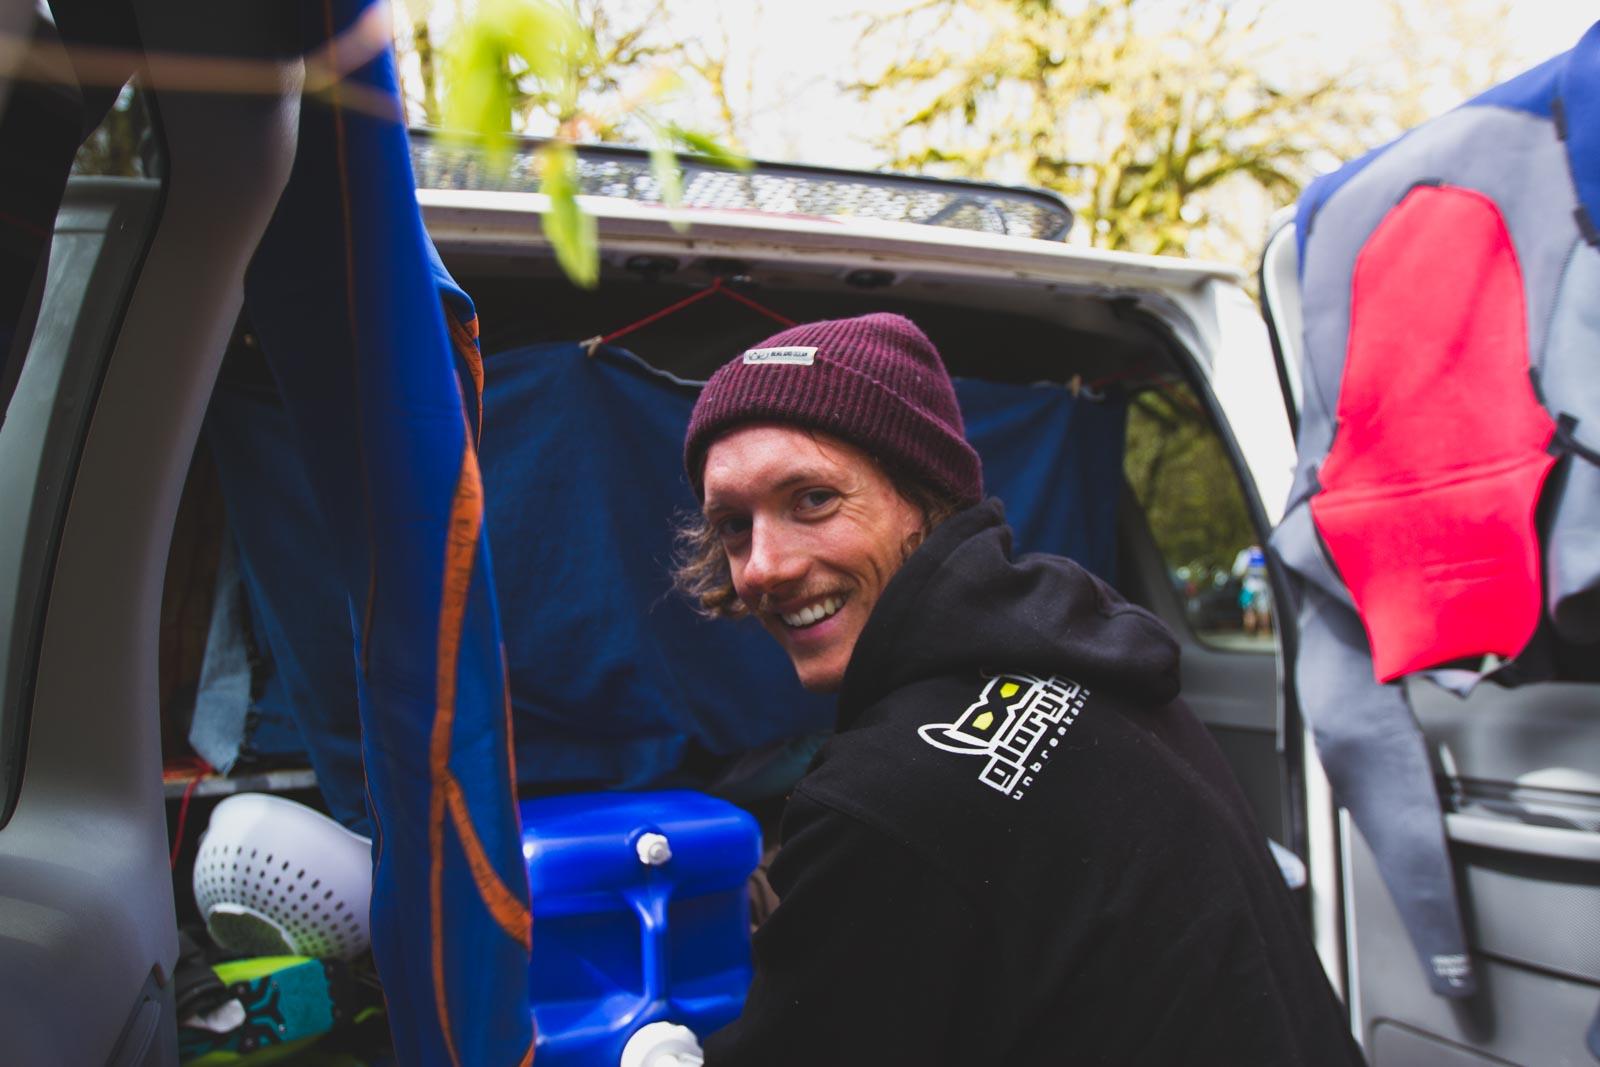 09_camp_kitchen_sink_wetsuits.jpg